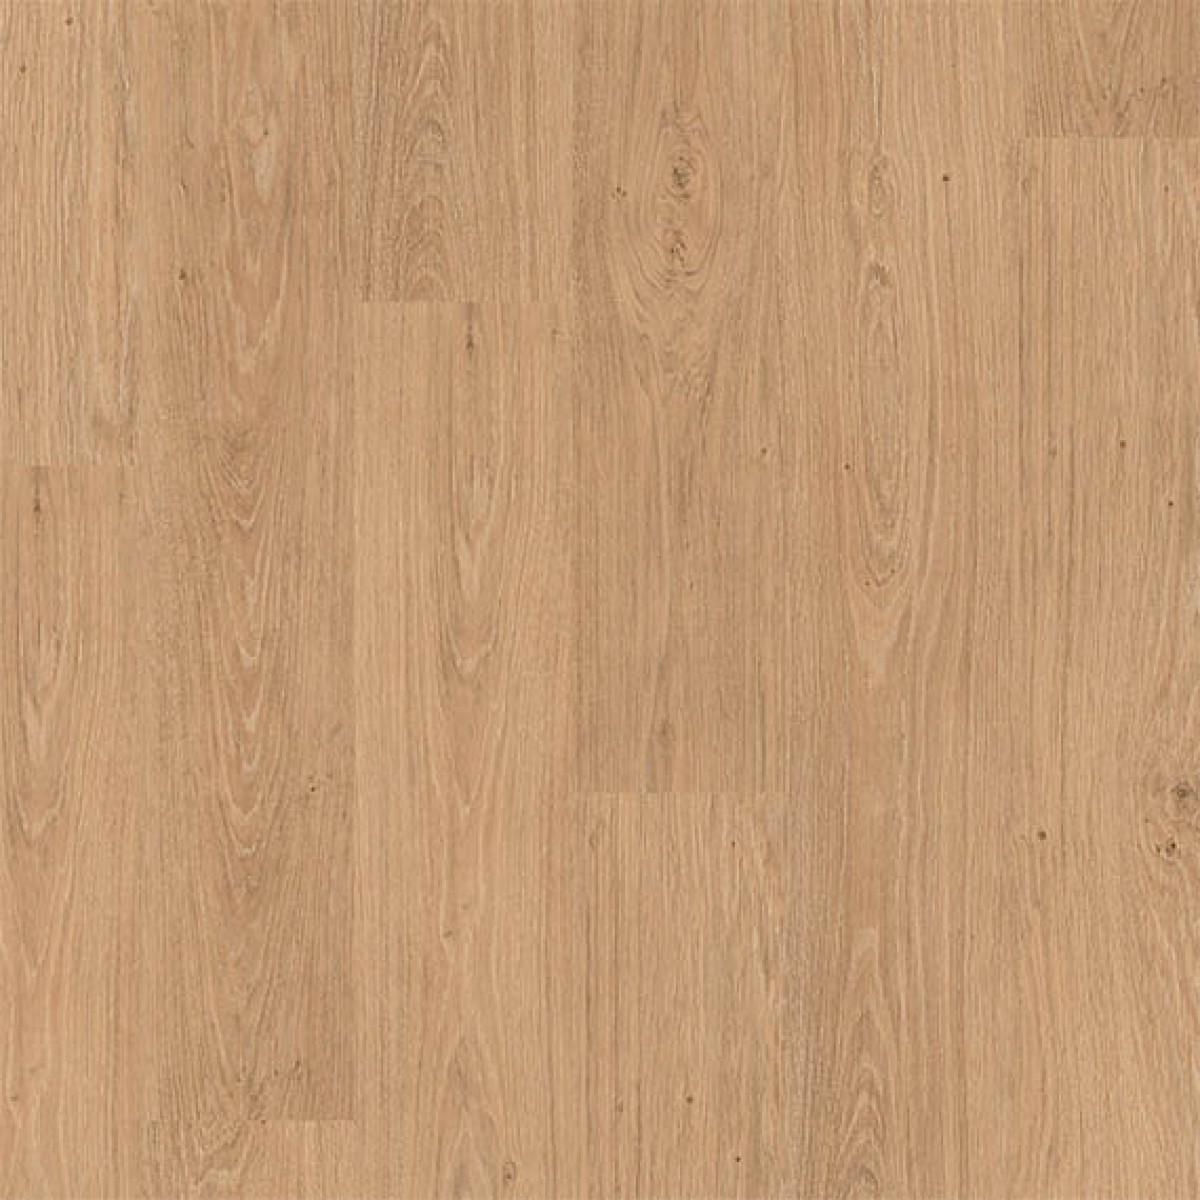 Quick-Step Livyn Comfort Classic Oak Natural